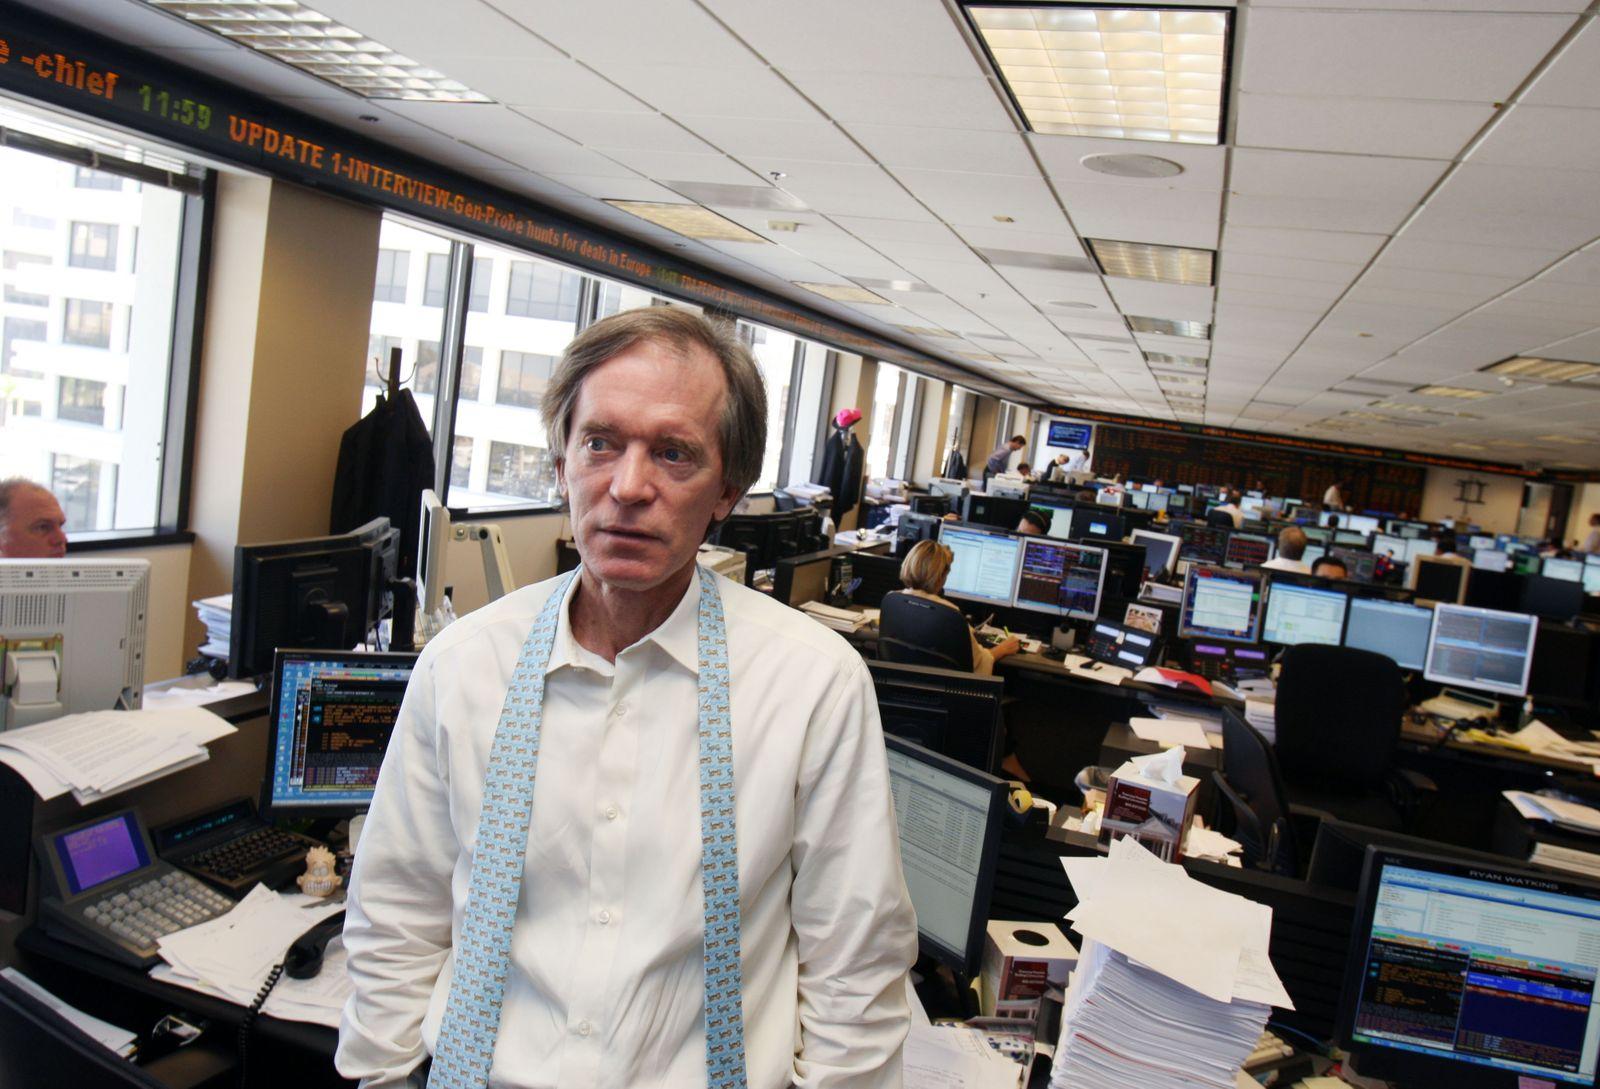 NICHT MEHR VERWENDEN! - Bill Gross